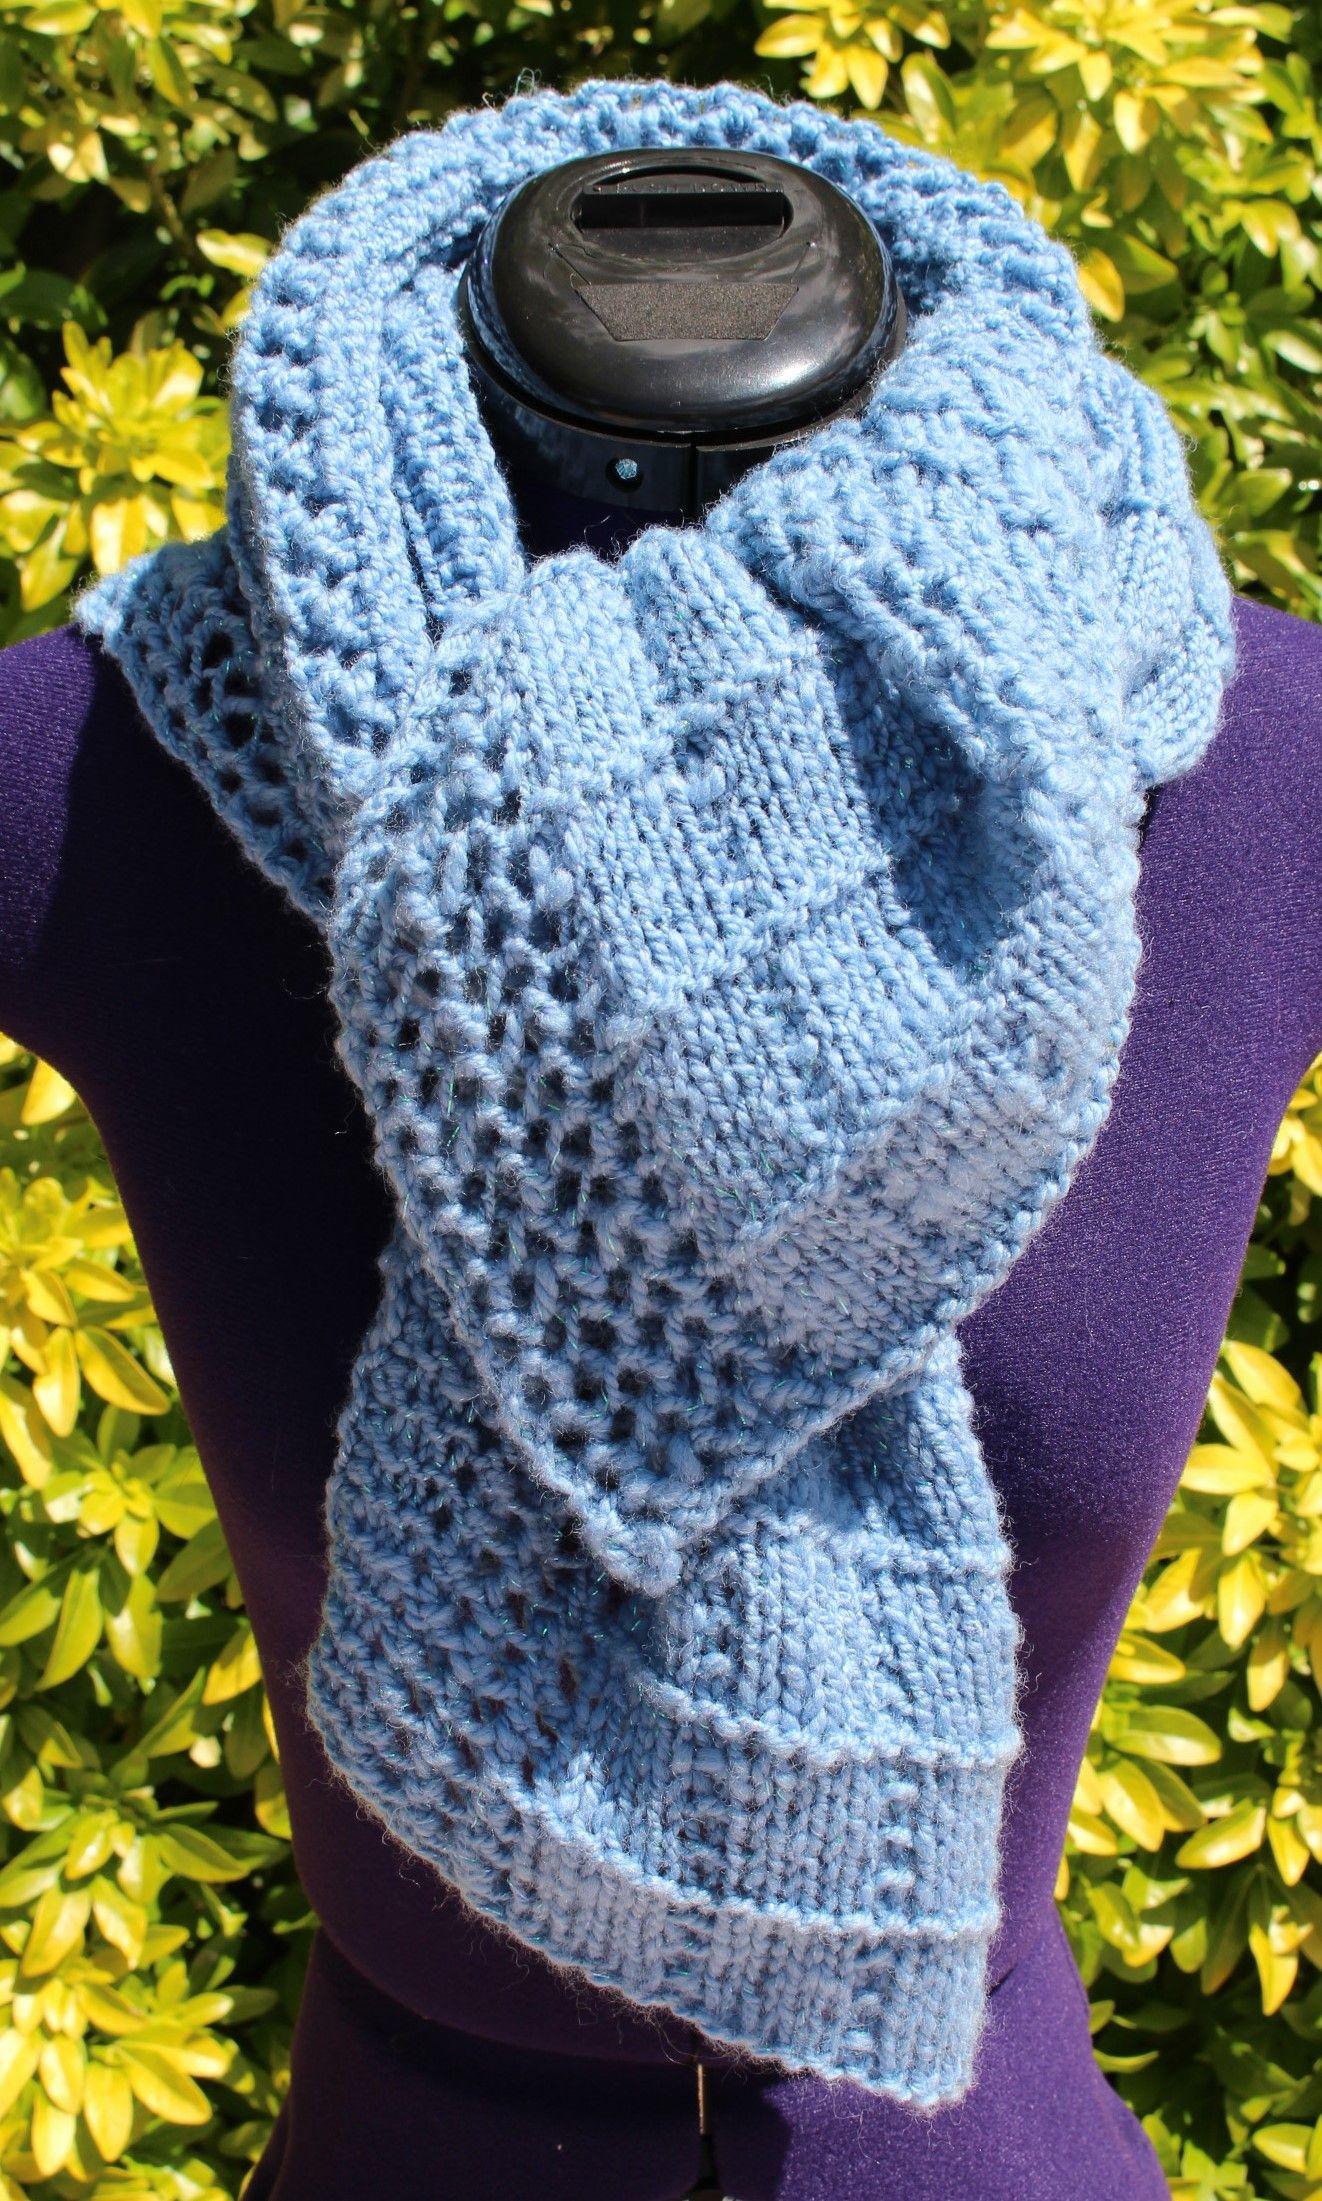 Chauffe épaules tricoté main en laine avec points fantaisies https://www.alittlemarket.com/boutique/chaliere-2339933.html